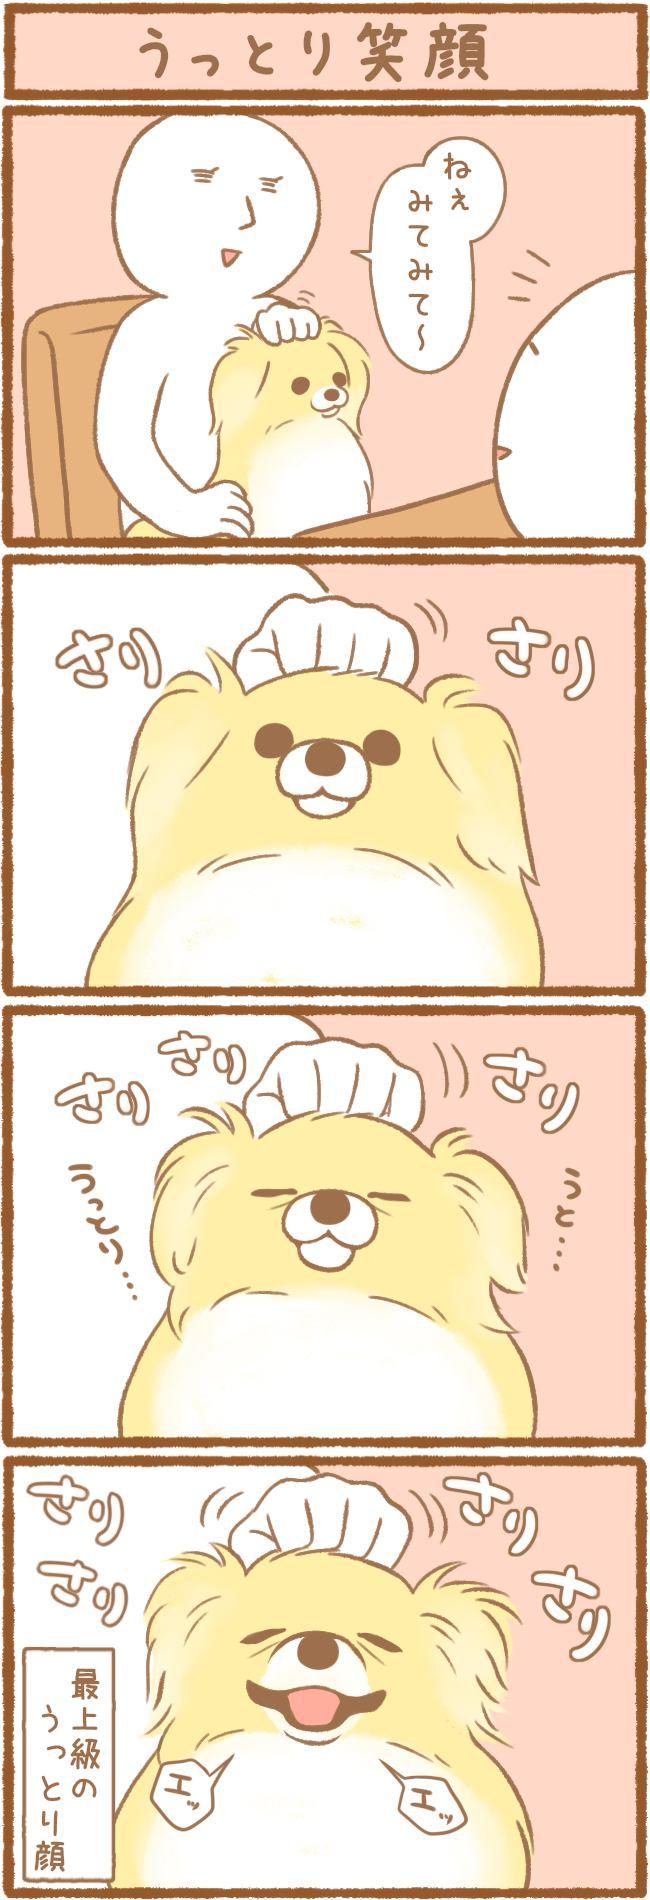 ただの犬好きです。第78話 うっとり笑顔